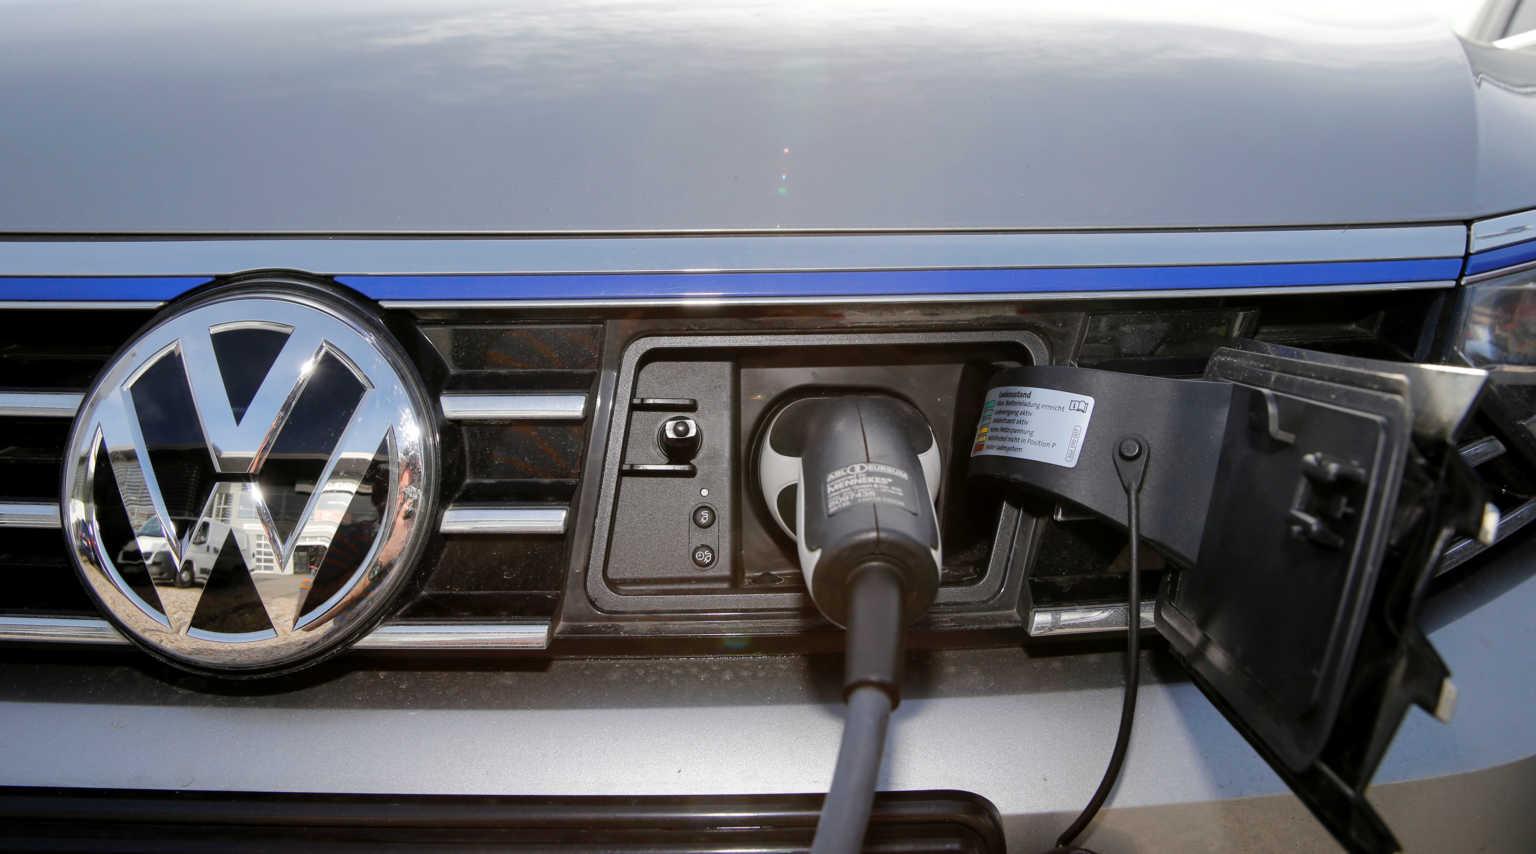 «Σύντομα το 1/3 των αυτοκινήτων θα είναι ηλεκτροκίνητα» – Τι λέει ο πρόεδρος του ΣΕΑΑ Γιώργος Βασιλάκης